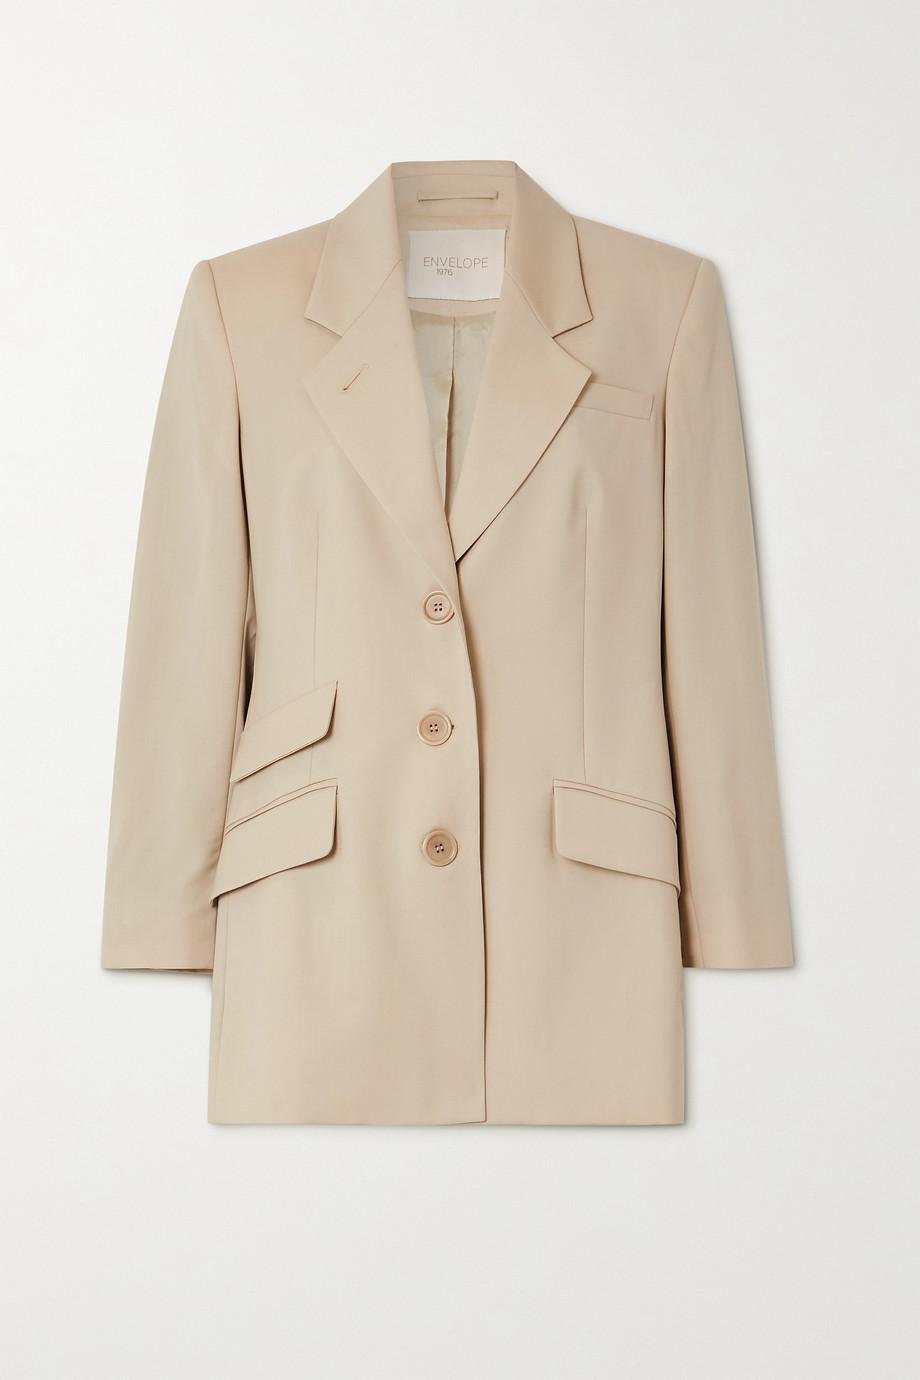 Envelope1976 + NET SUSTAIN Marais Oversized-Blazer aus Wolle